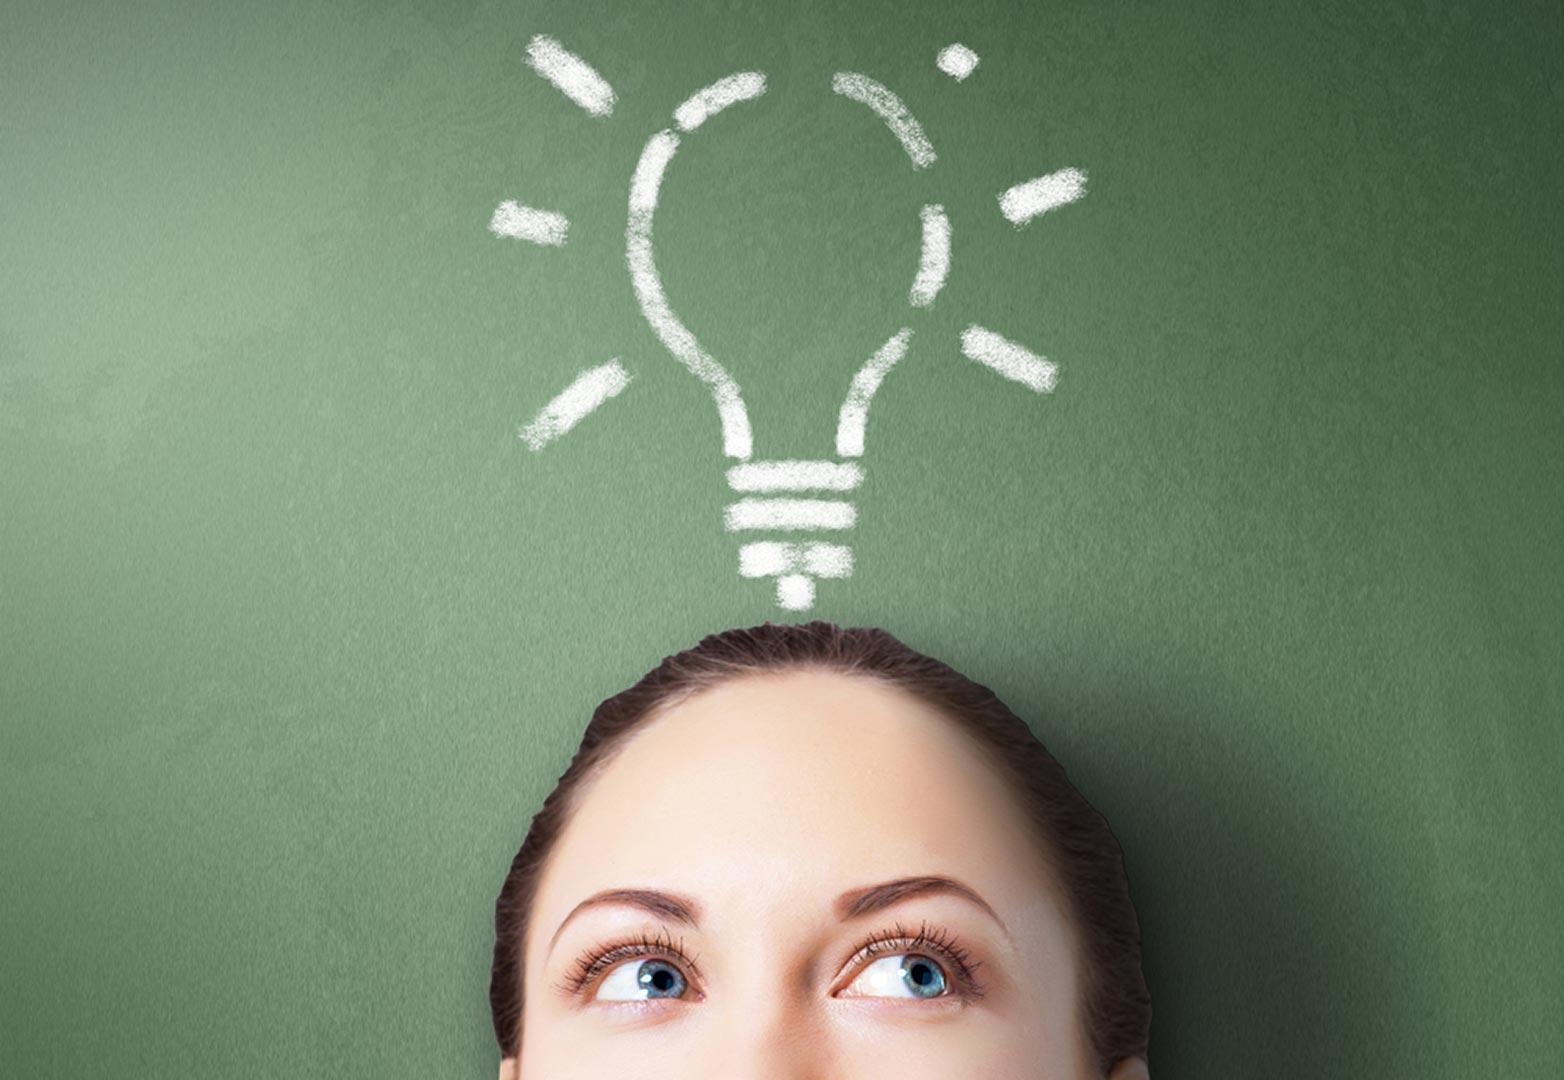 Lluvia de ideas para solución de problemas